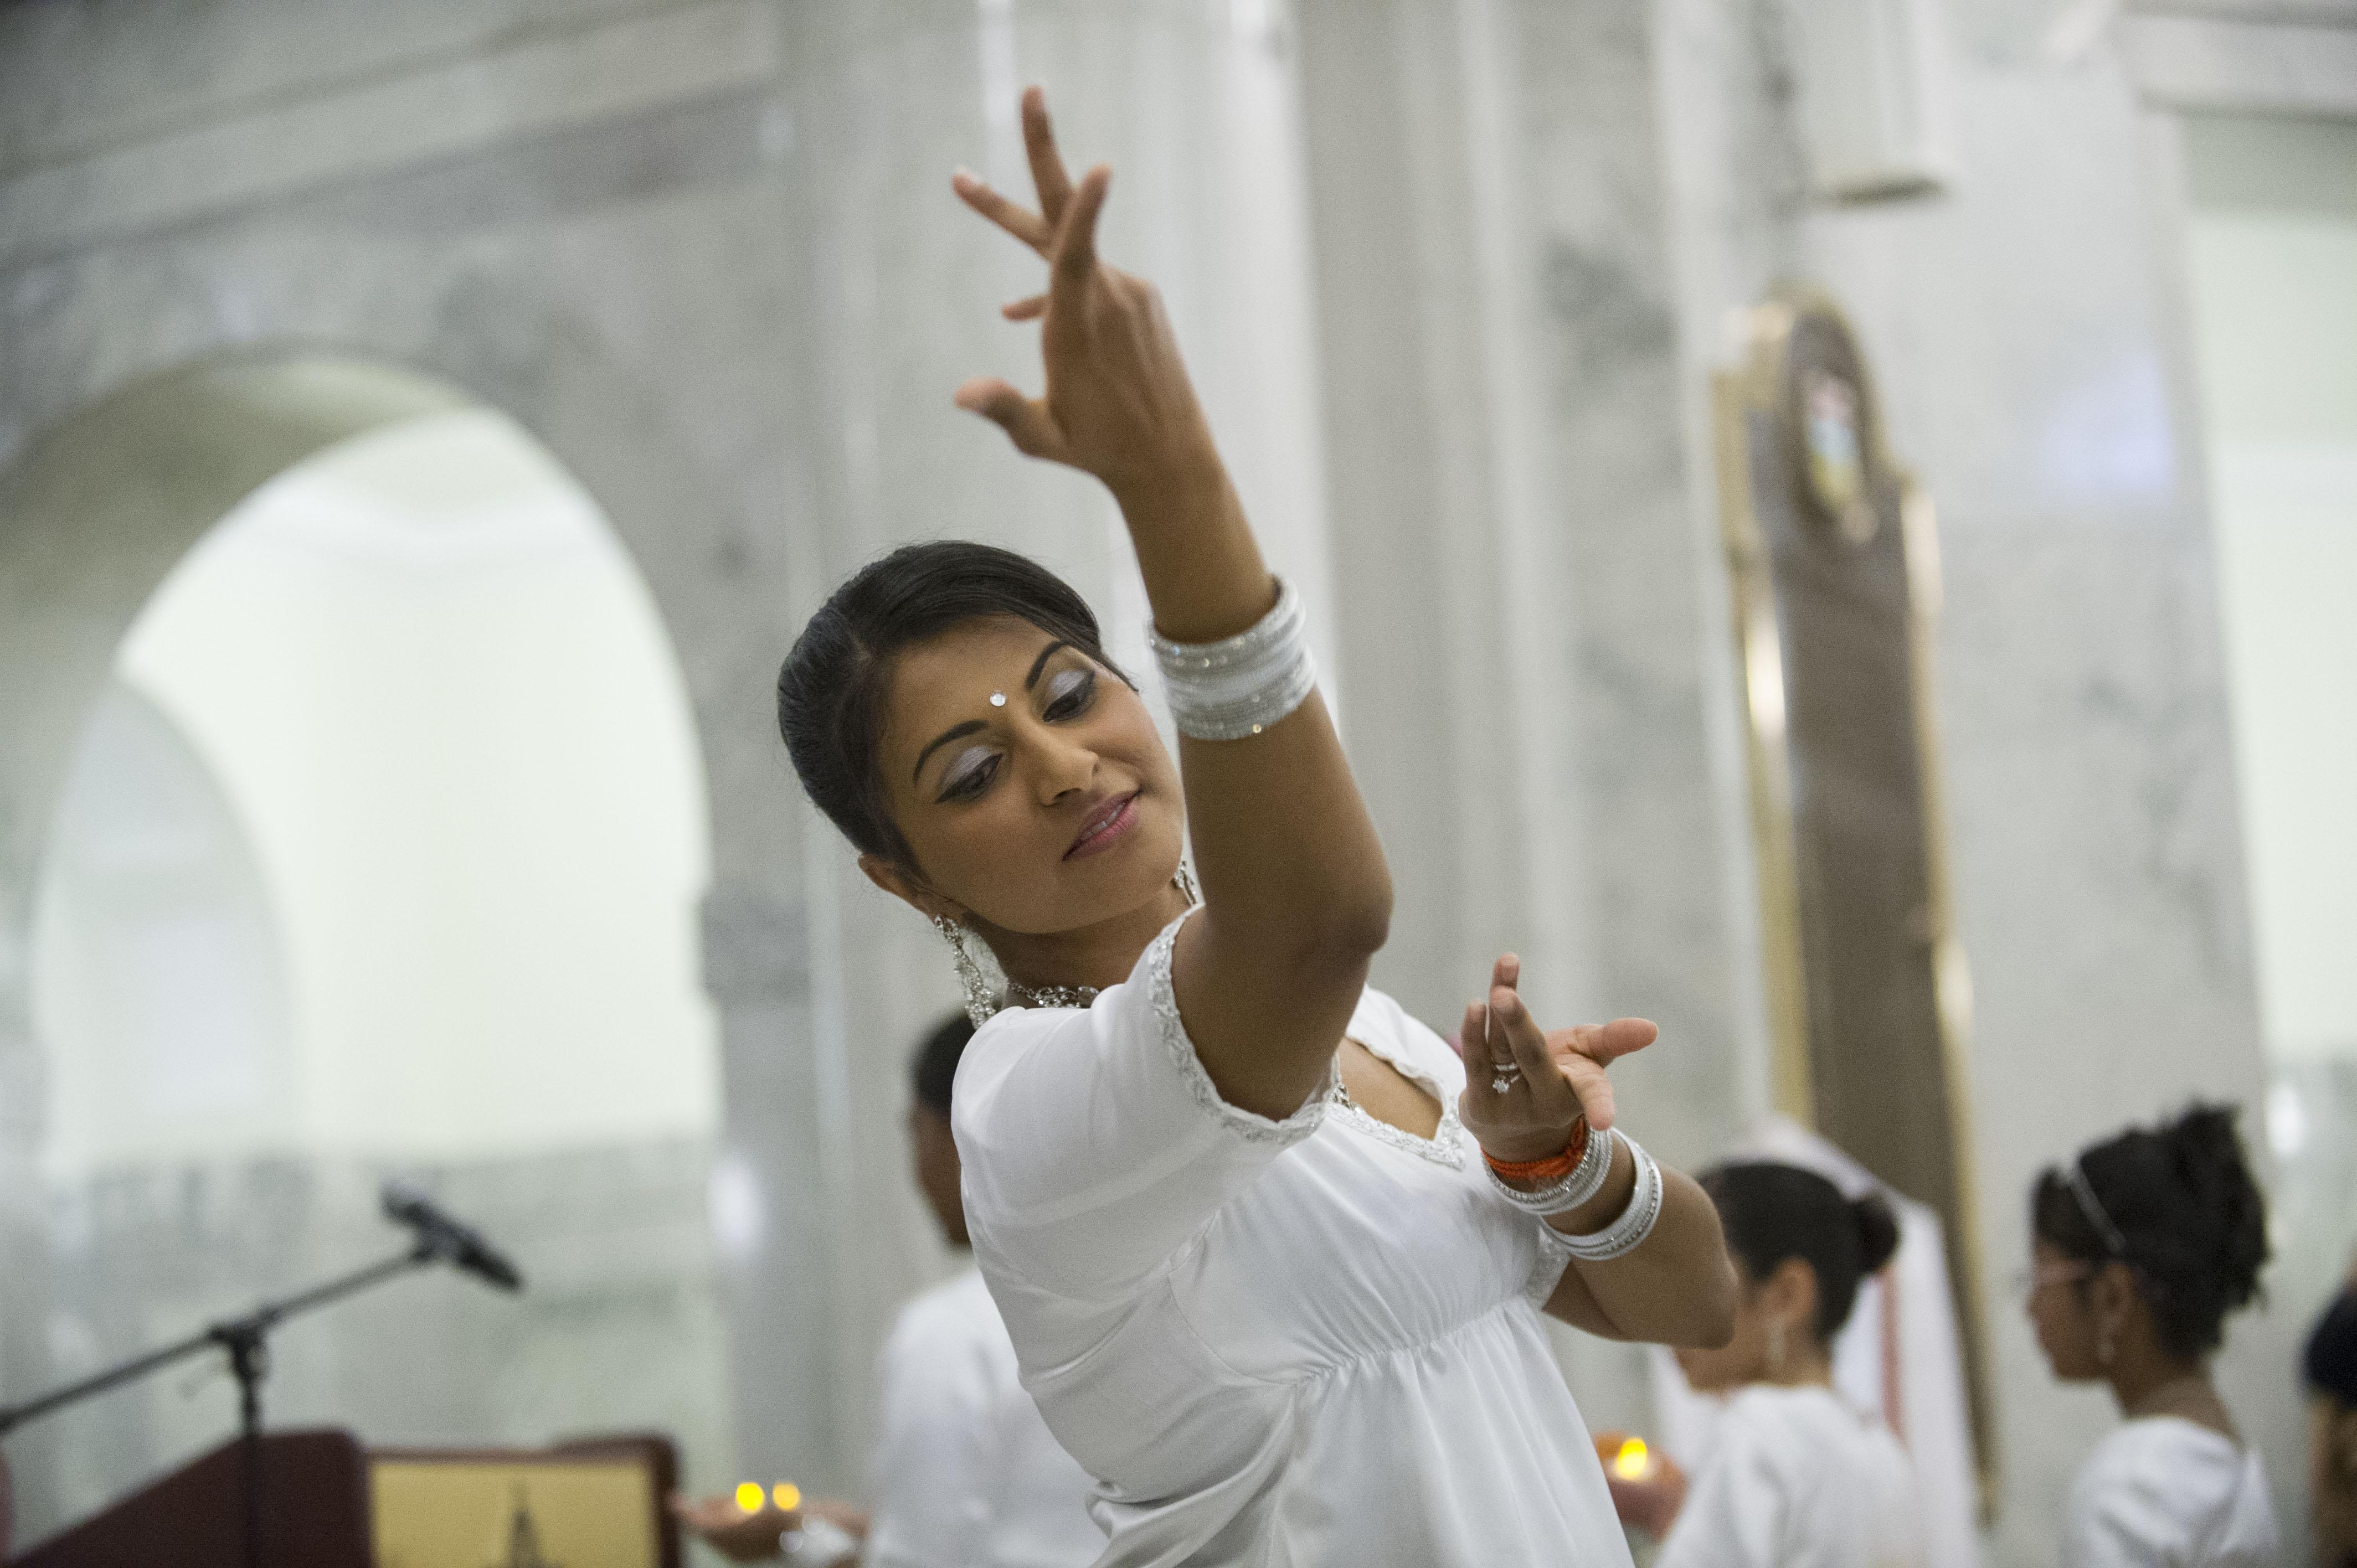 Inaugural Diwali at the Legilsature